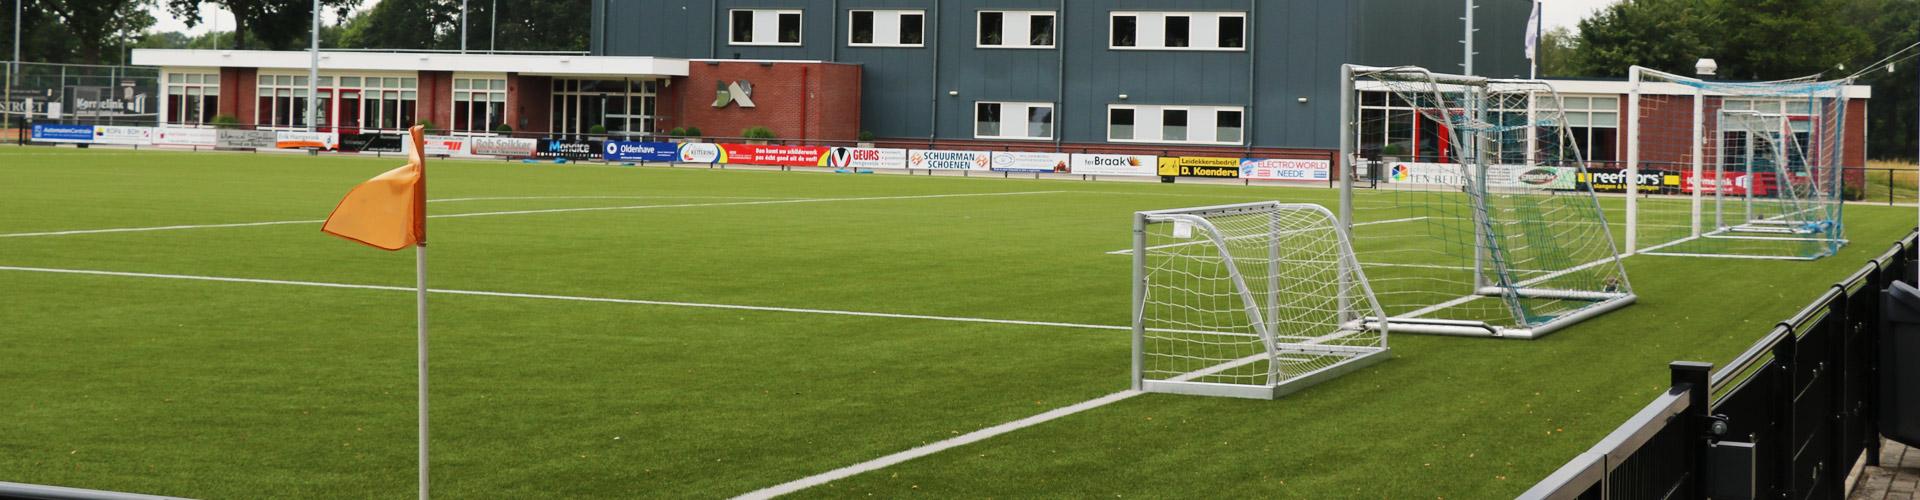 Dorpsaccommodatie Rietmolen - Voetbal hoofdveld